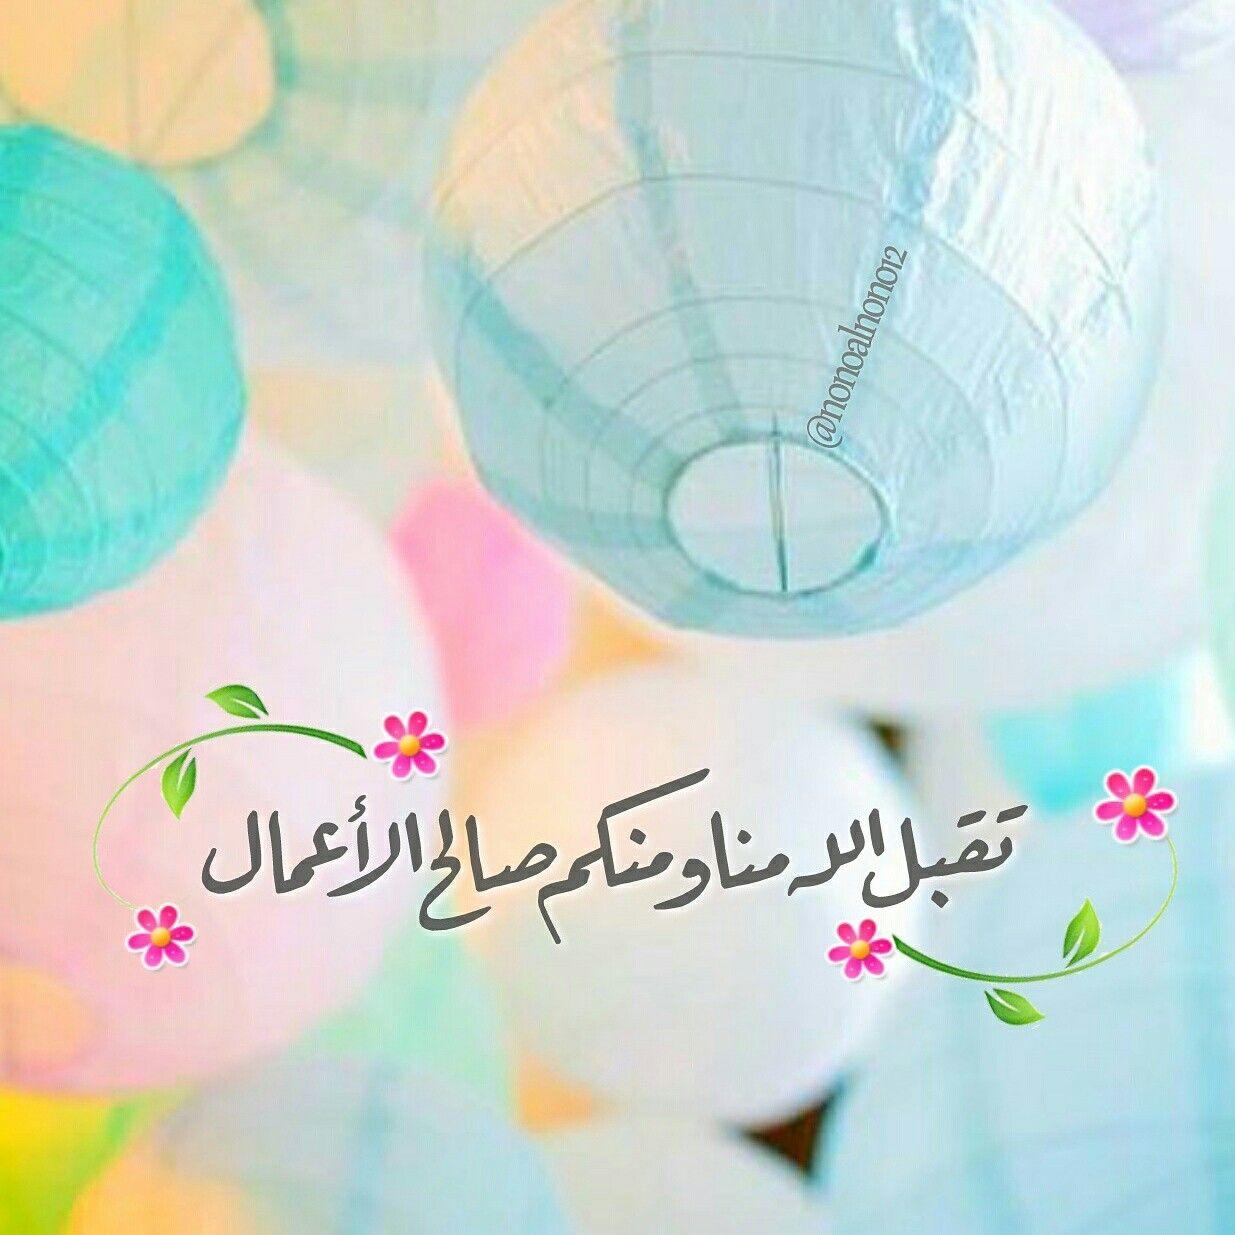 تقبل الله منا ومنكم صالح الأعمال ادعية Eid Mubarik Eid